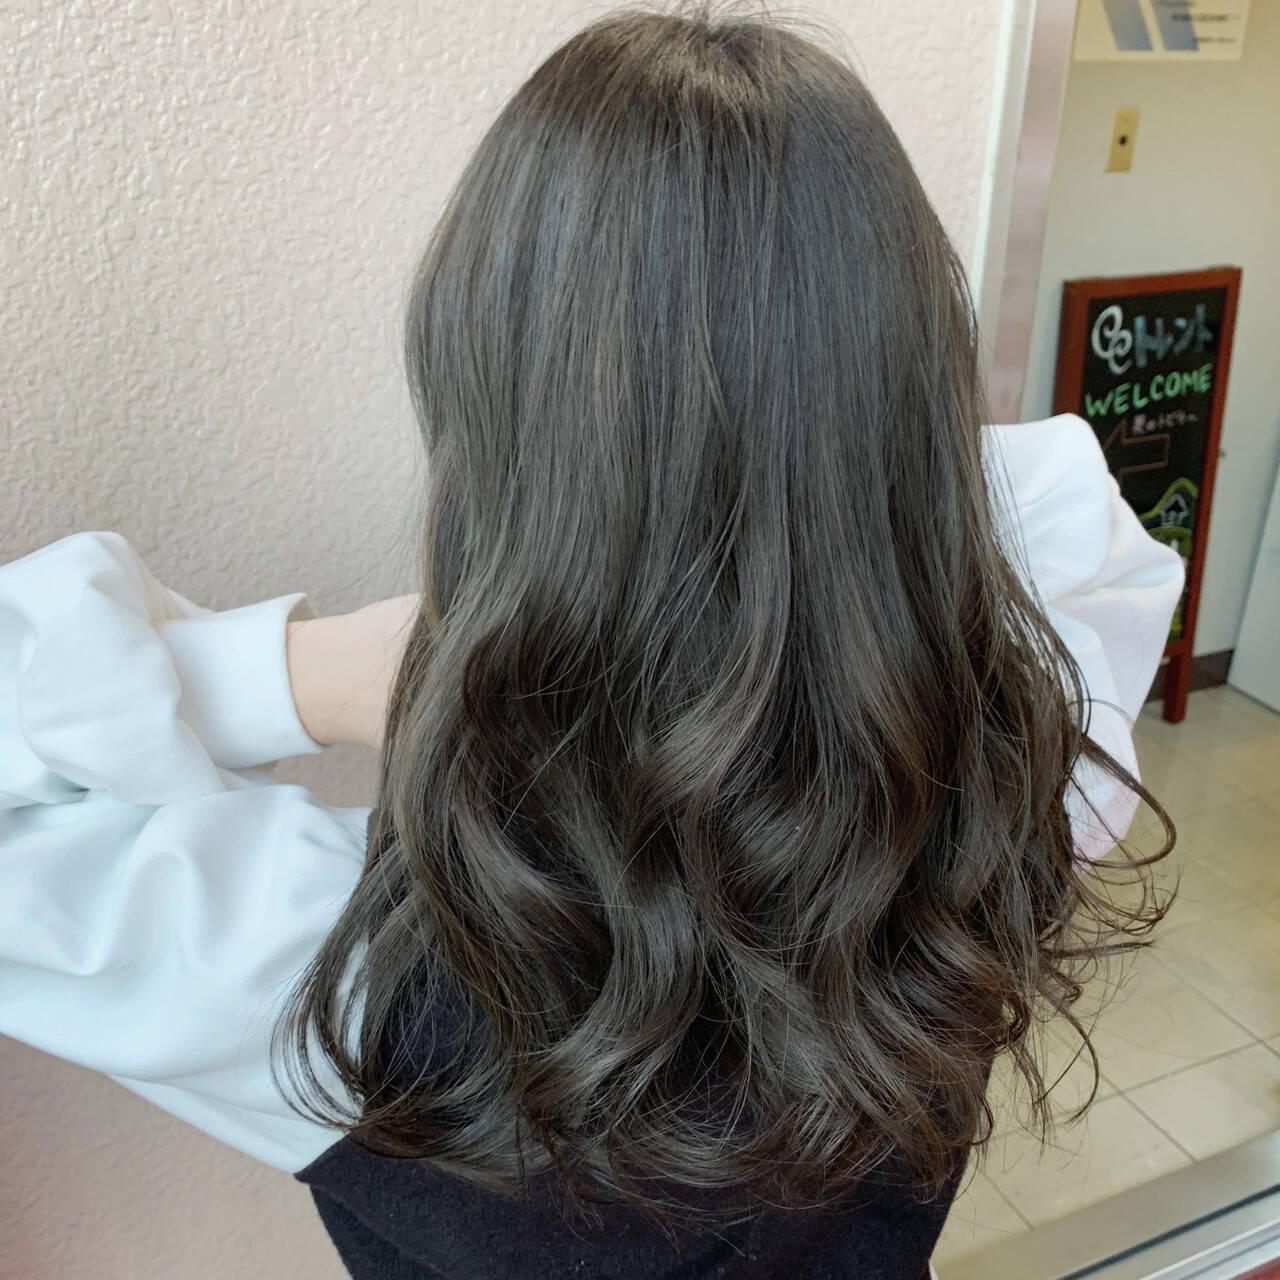 暗髪 カーキアッシュ 暗髪女子 ロングヘアスタイルや髪型の写真・画像